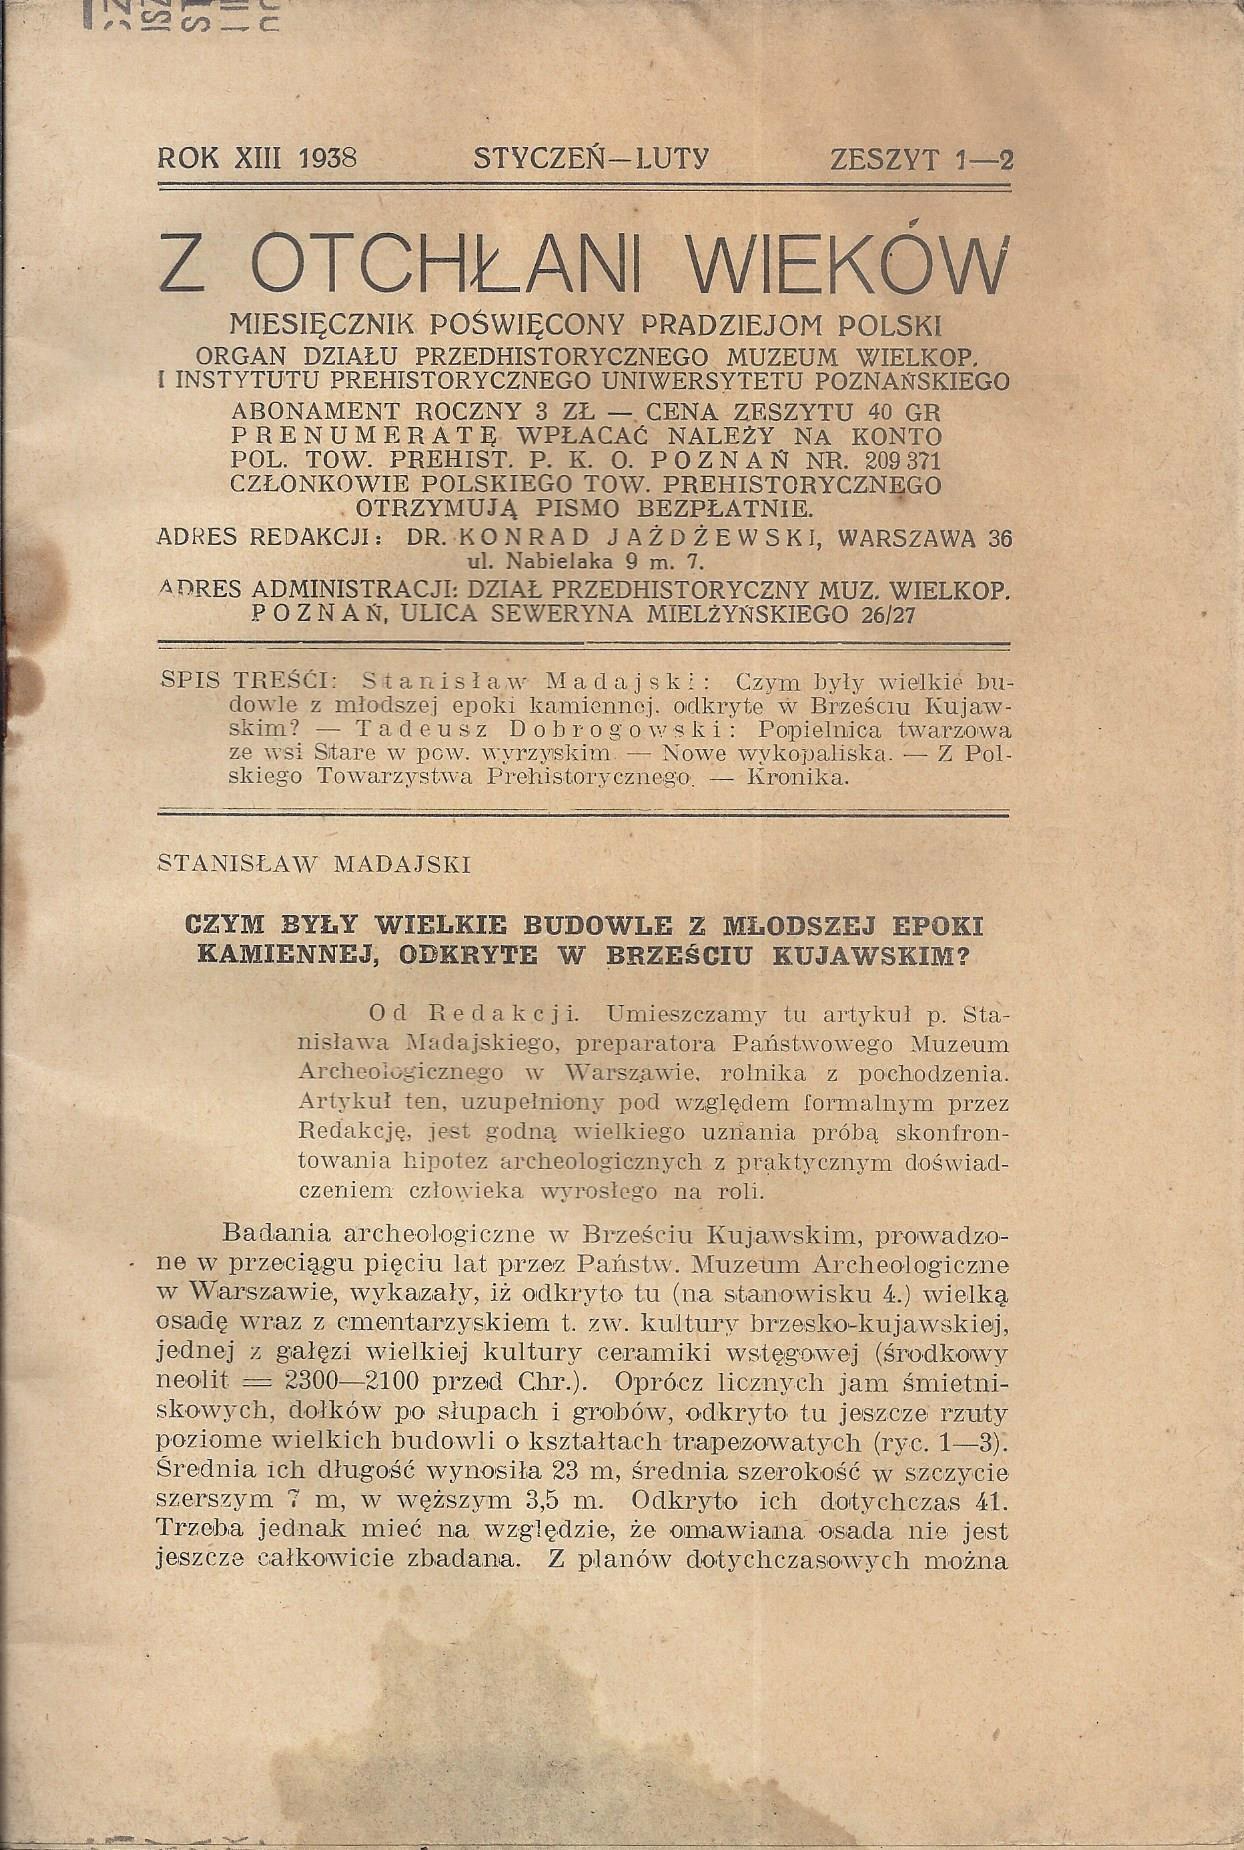 Z OTCHŁANI WIEKÓW ARCHEOLOGIA POZNAŃ 1938